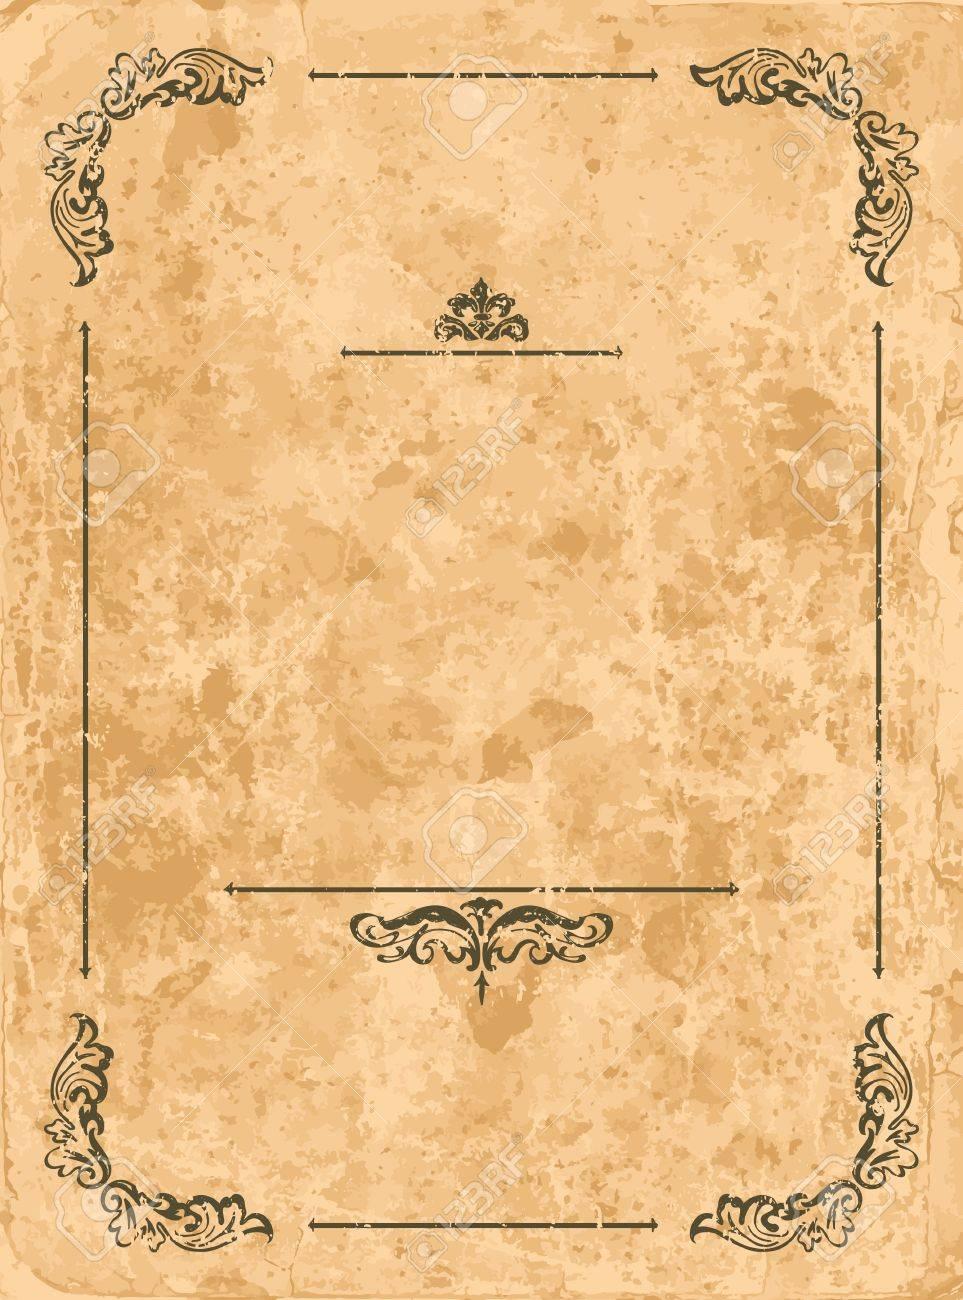 Vintage design elements on old paper sheet Stock Vector - 14976798